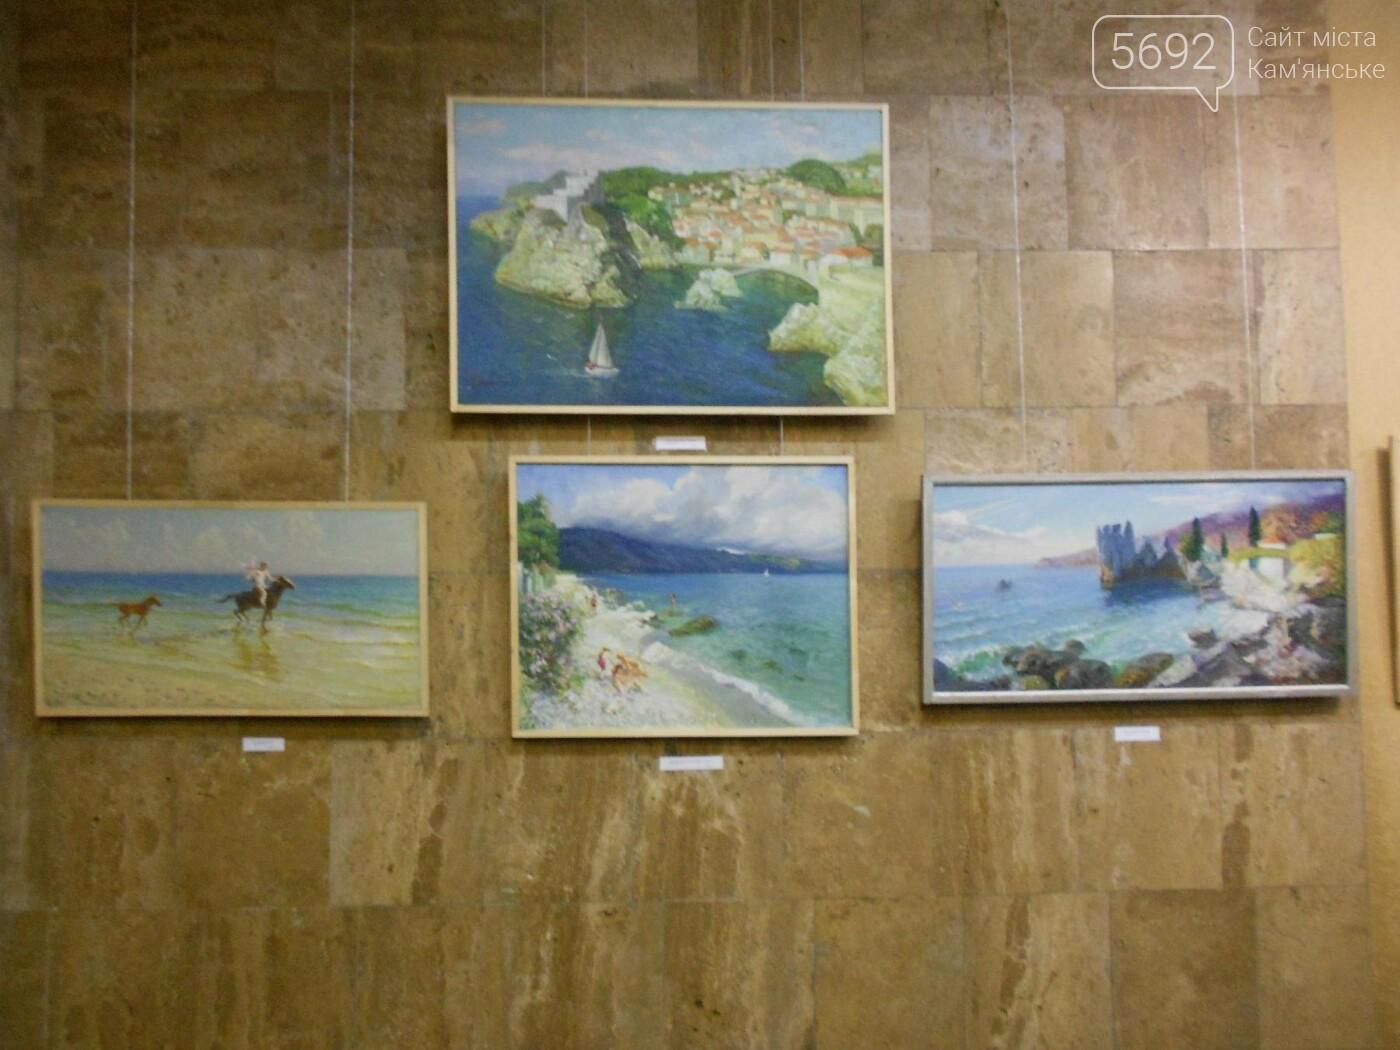 В Каменском открылась юбилейная выставка известного художника Анатолия Жежера, фото-4